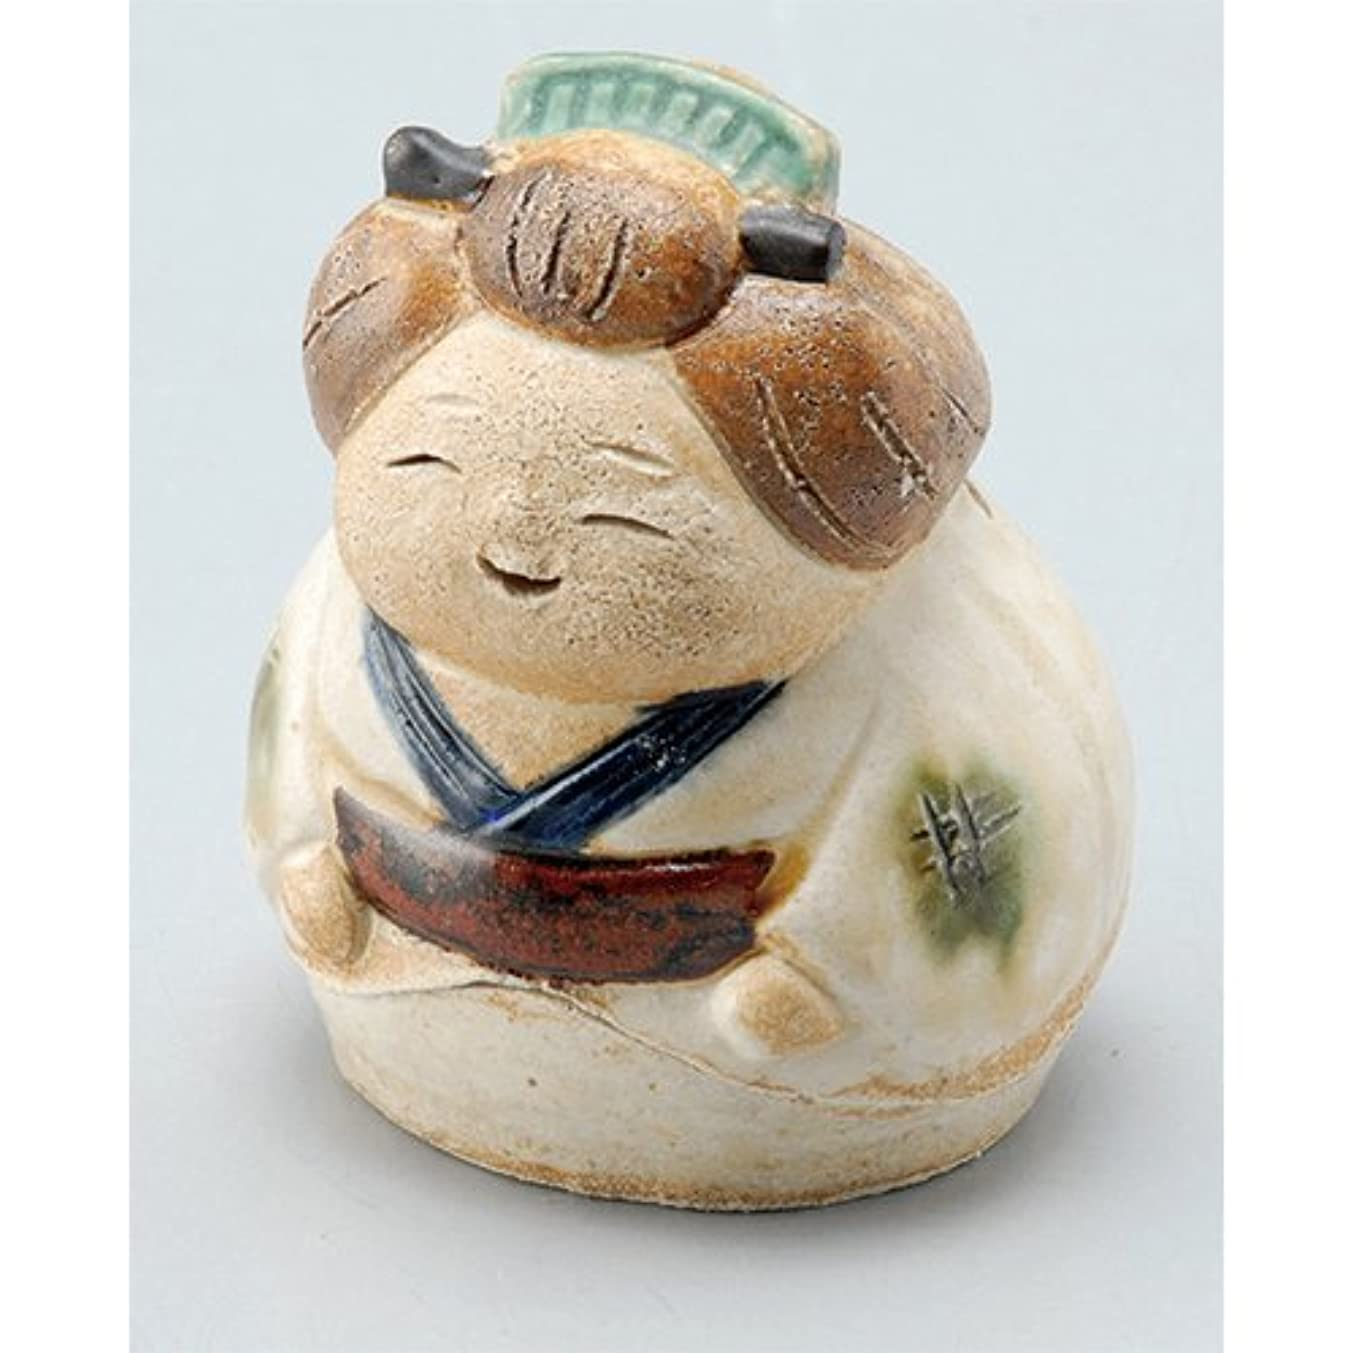 教授海外でアテンダント香炉 飾り香炉(お多福) [H7cm] HANDMADE プレゼント ギフト 和食器 かわいい インテリア